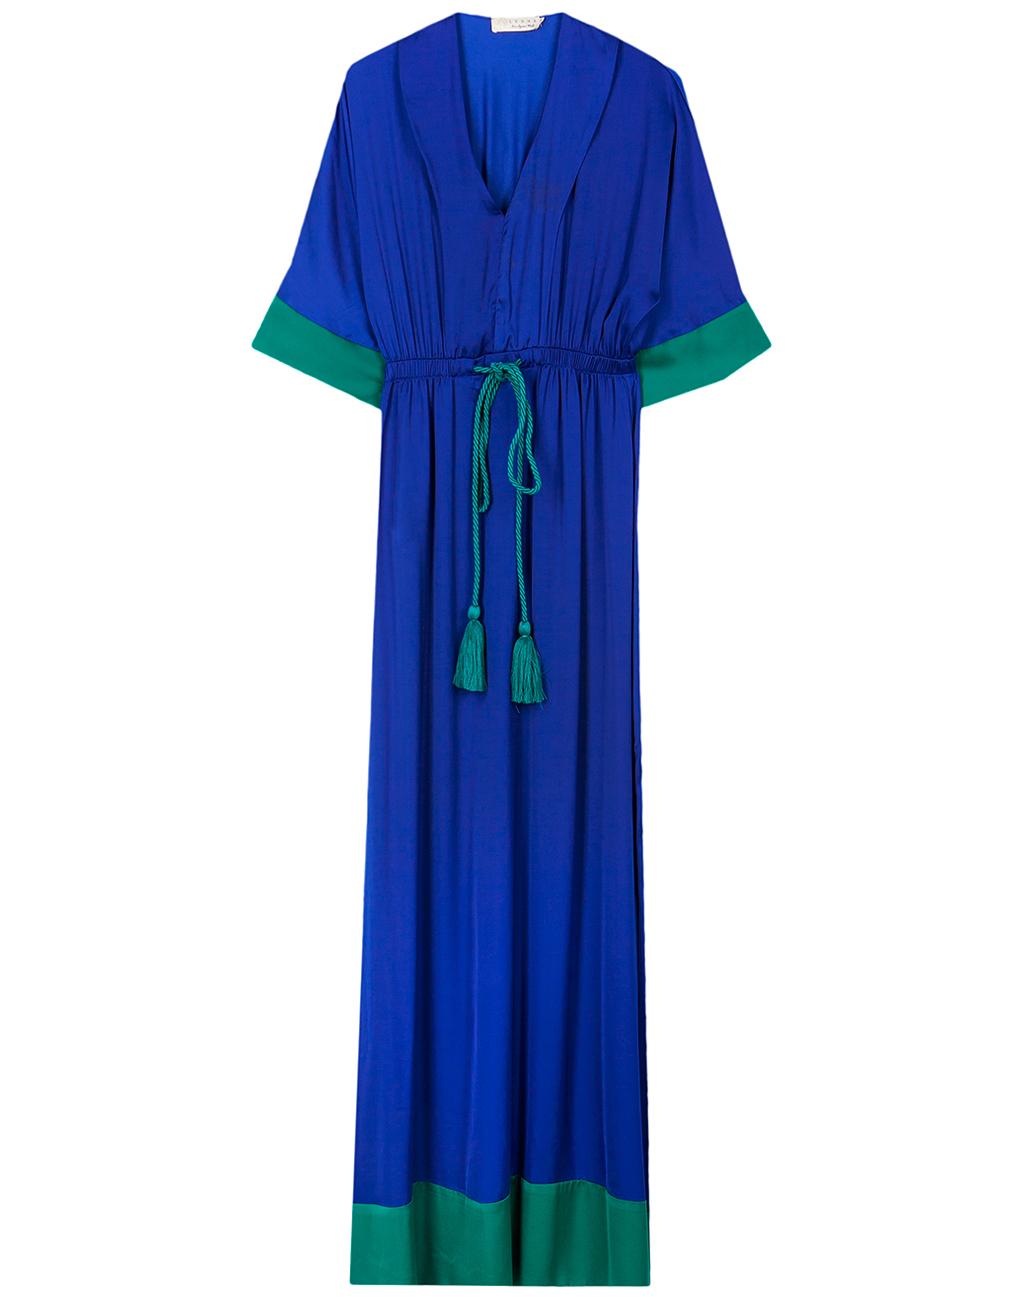 Αν θέλετε ένα μάξι μπλε φόρεμα που βγαίνει και στην απόχρωση του πράσινου  και ουσιαστικά είναι το τέλειο colorblock σε όποια εκδοχή και αν το  διαλέξετε 9823fc83b05